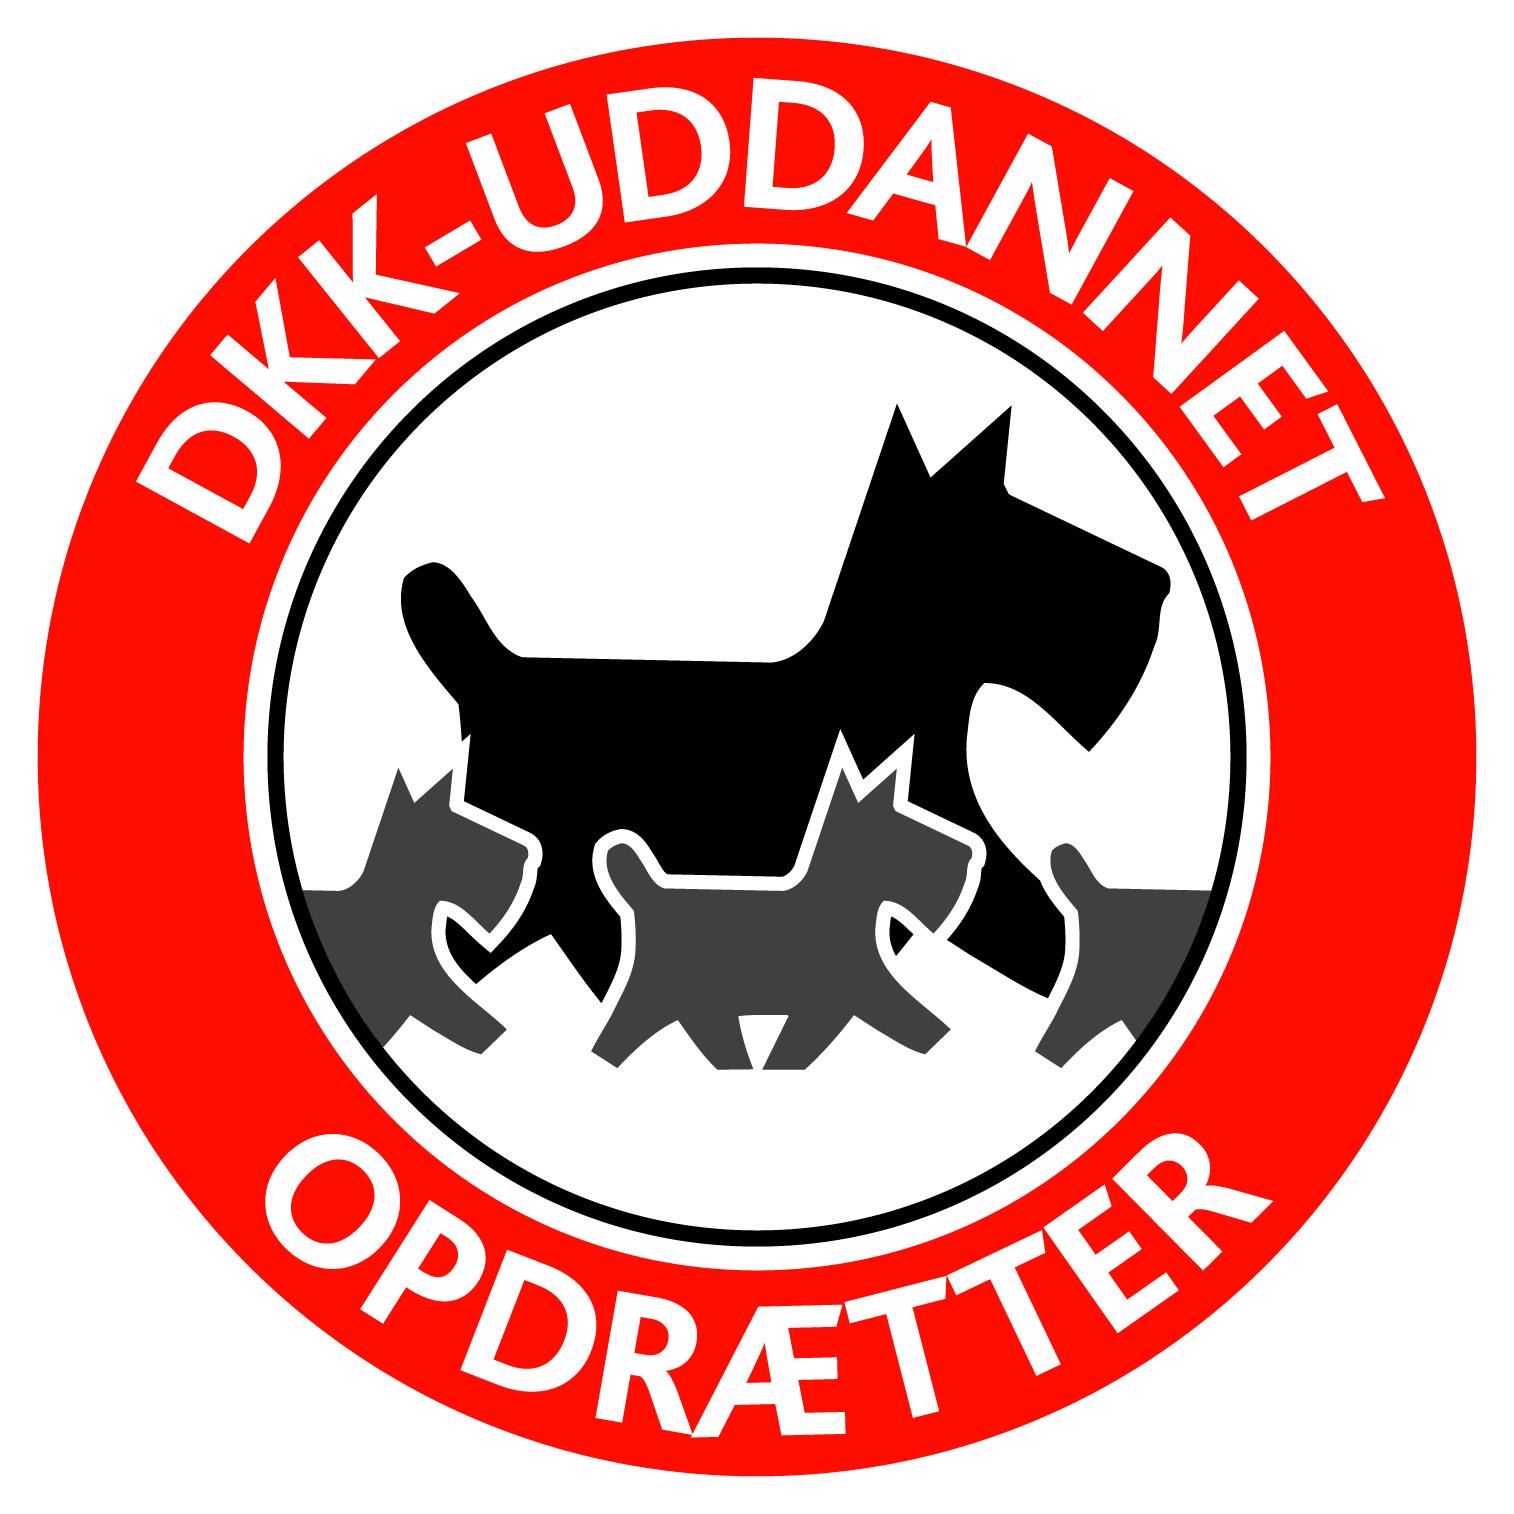 DKK- uddannet opdrætter